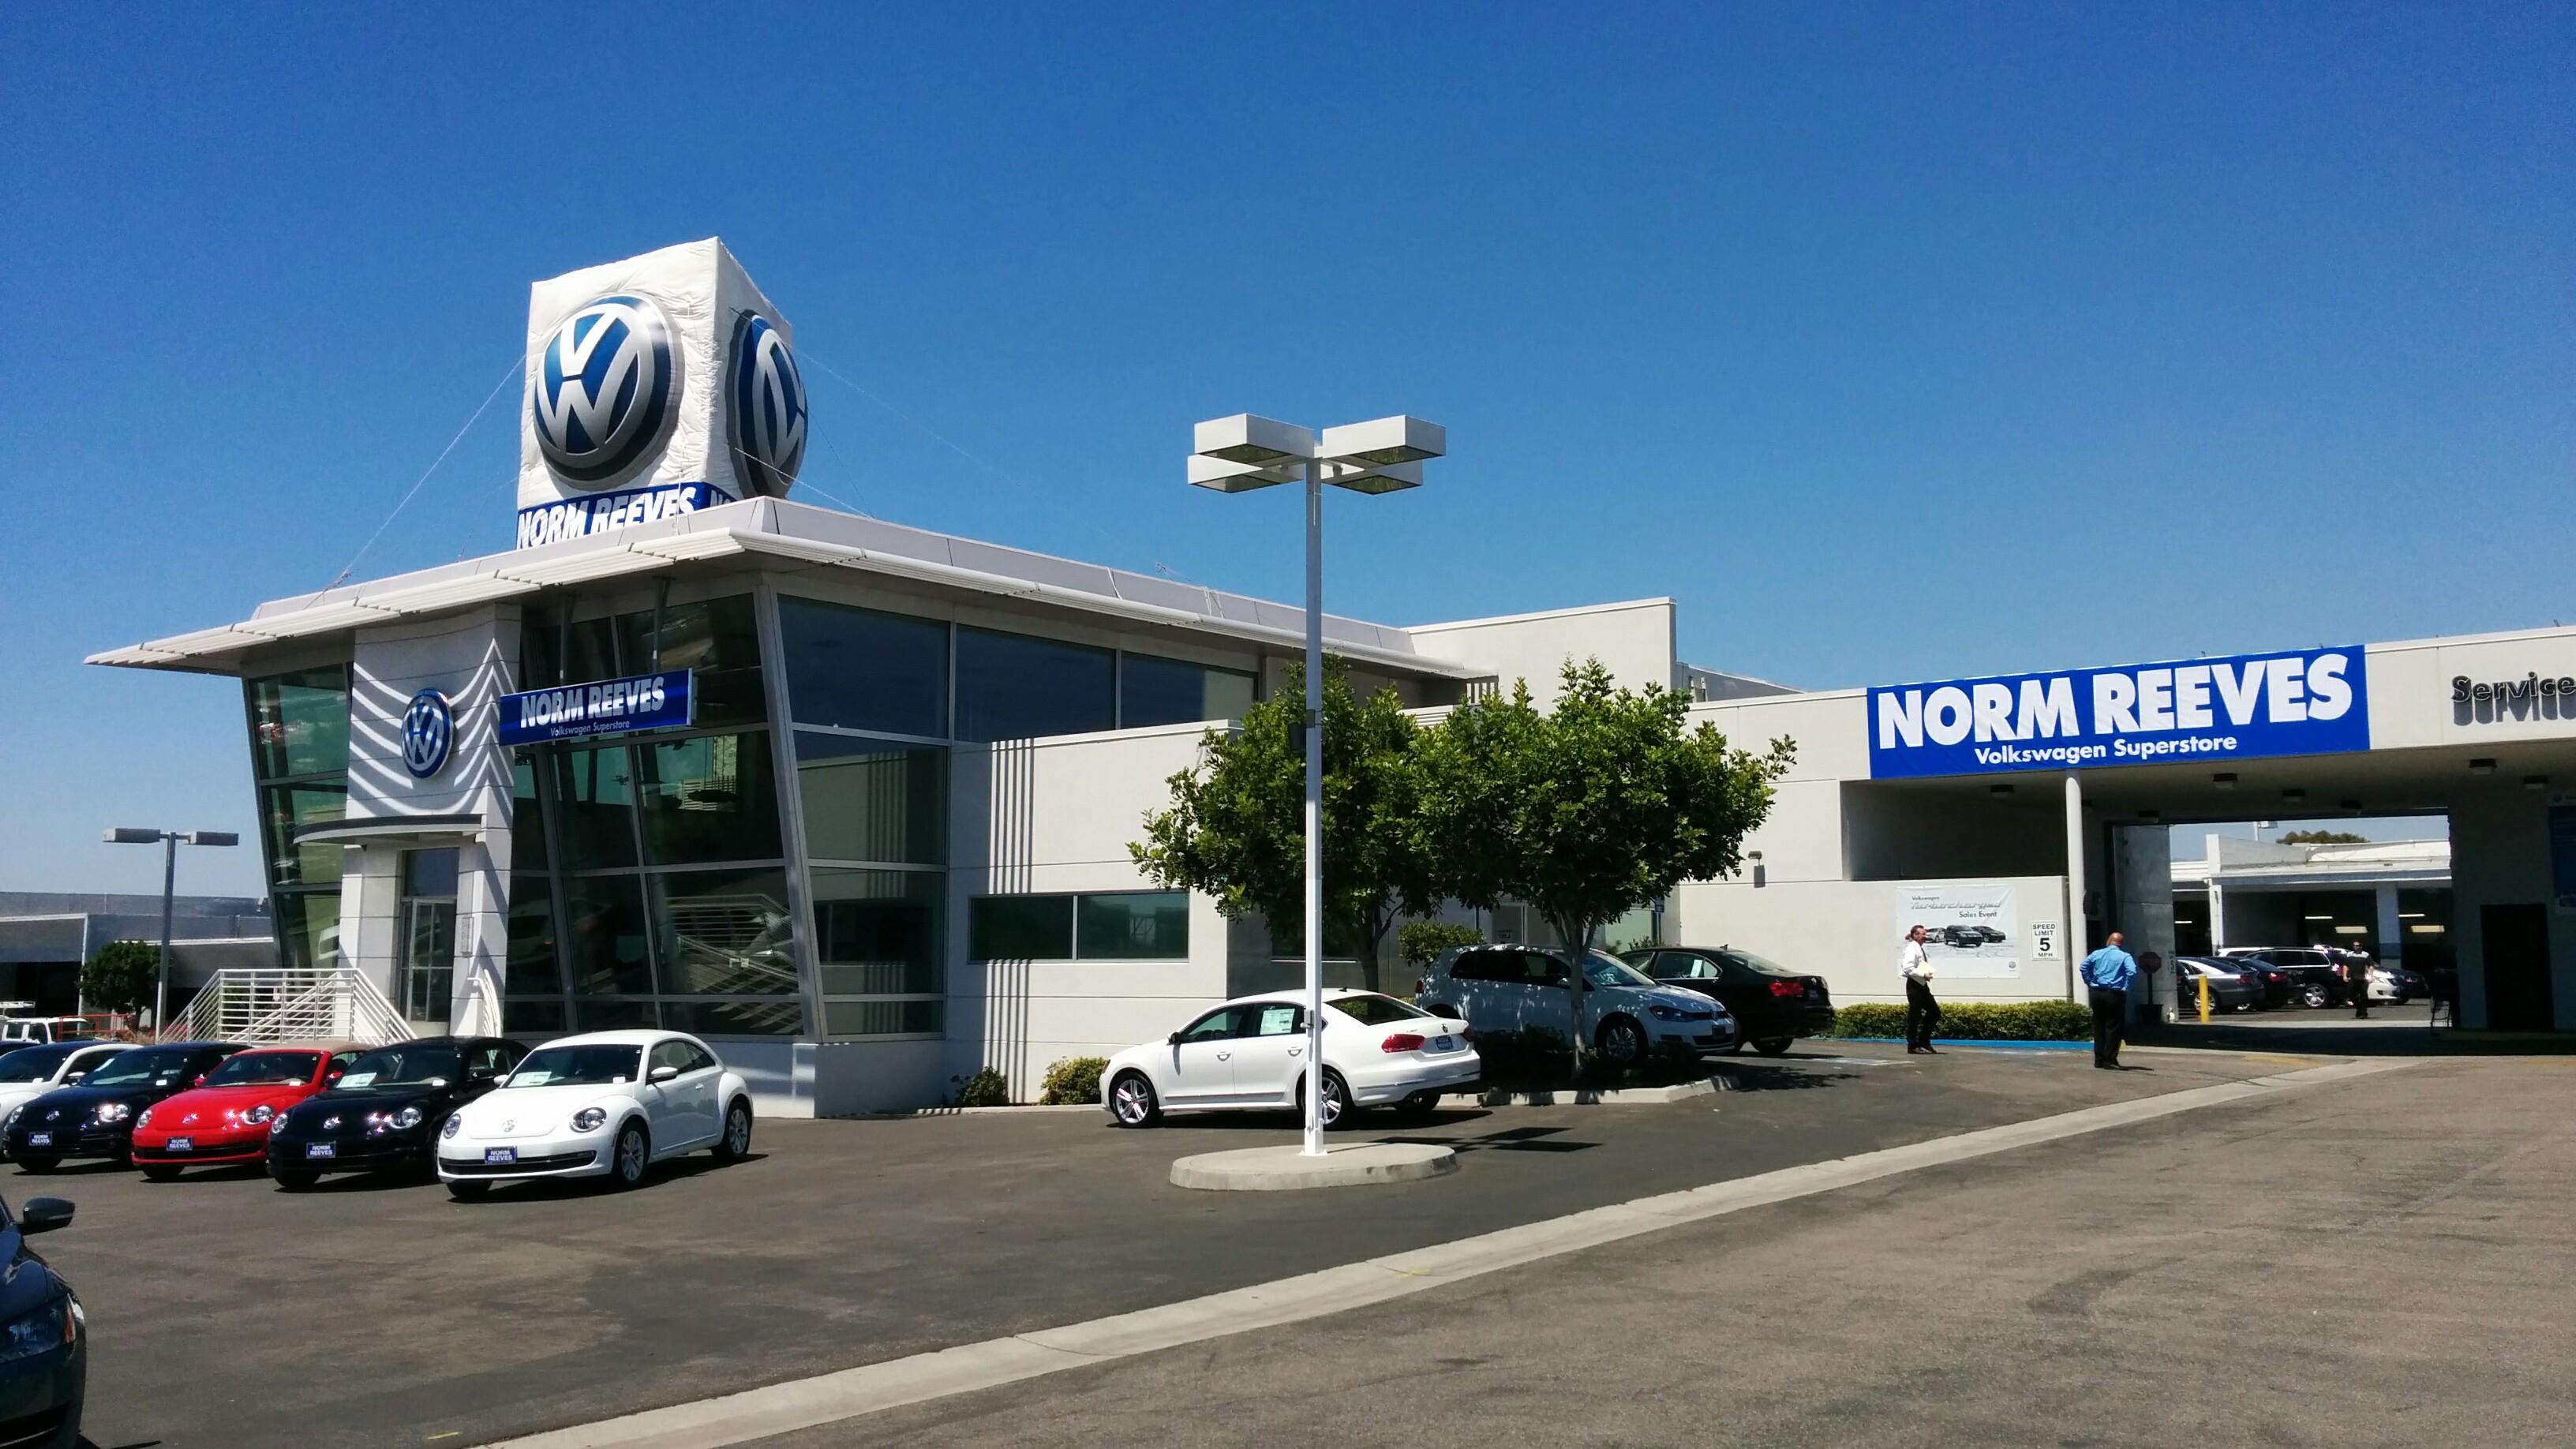 Norm Reeves Volkswagen Superstore in Irvine, CA - 949-830-7300